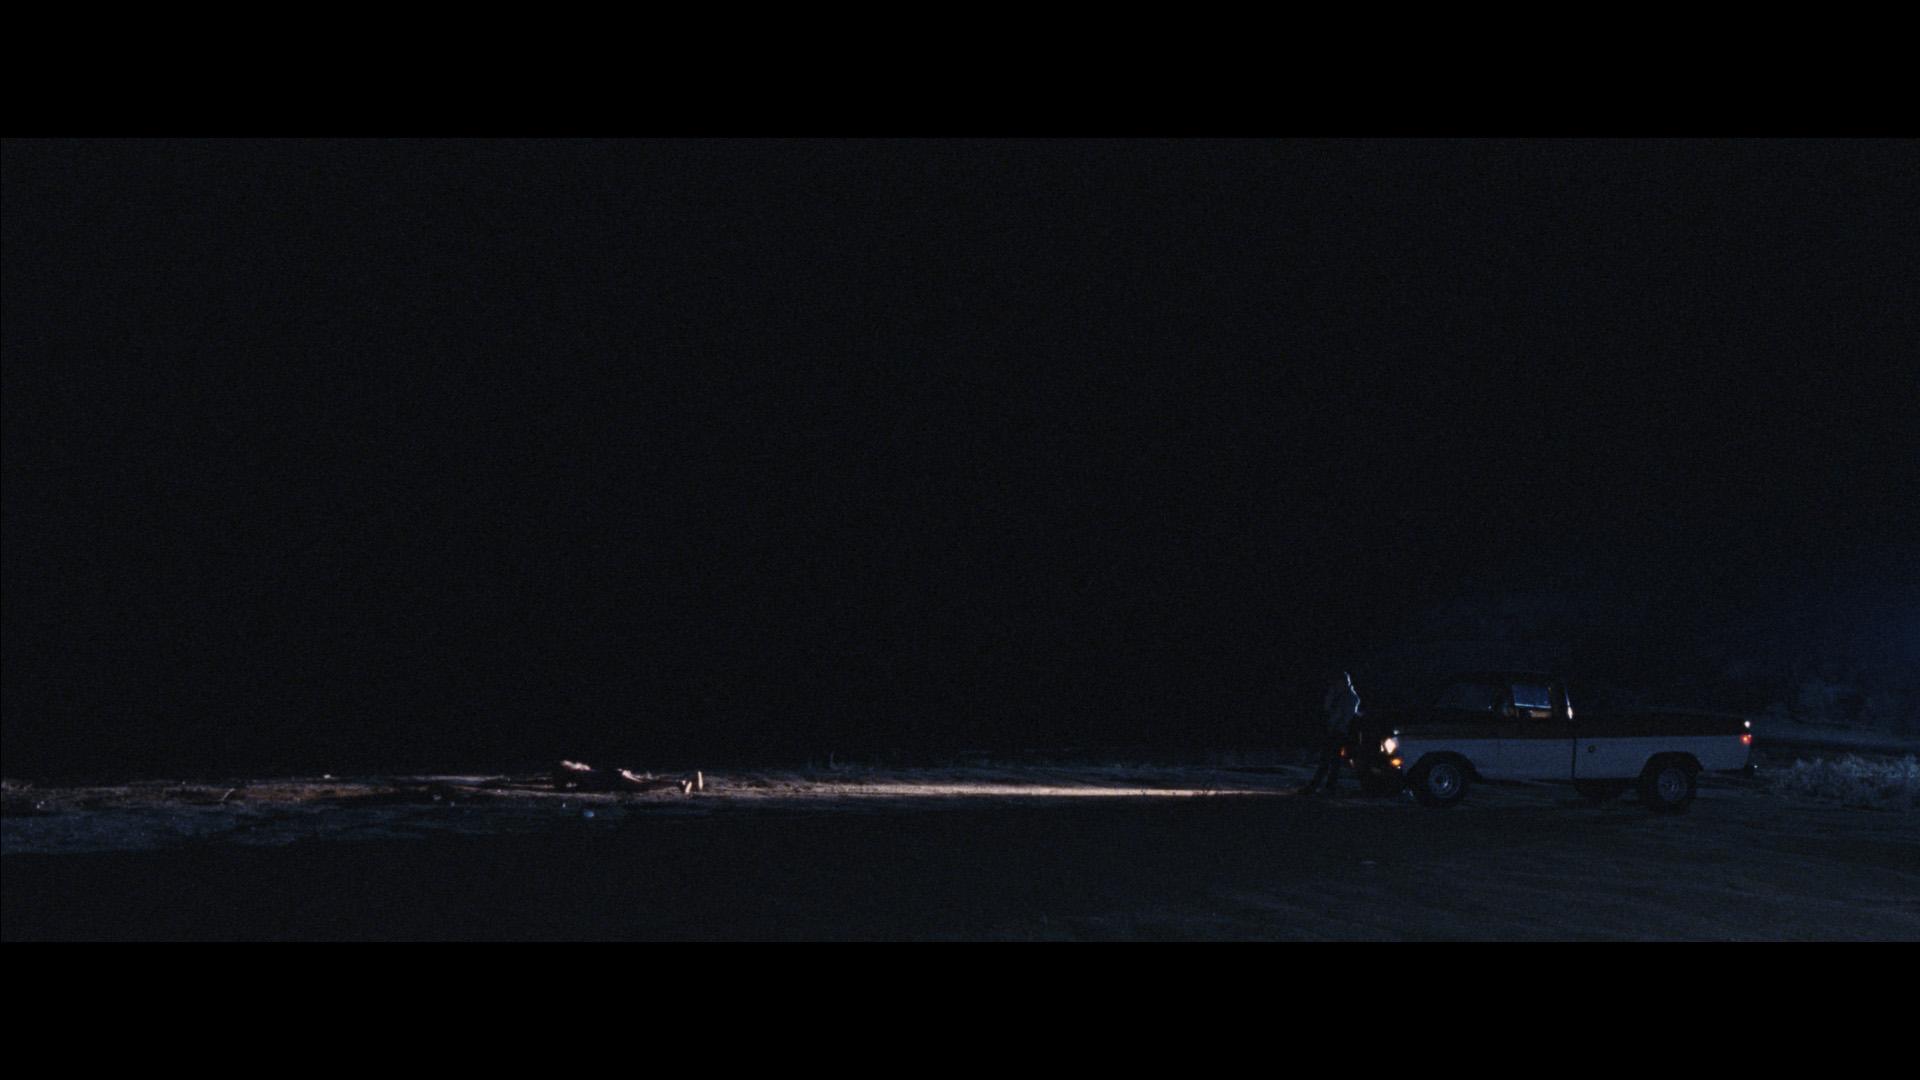 vlcsnap-2018-02-11-15h11m24s118.jpg